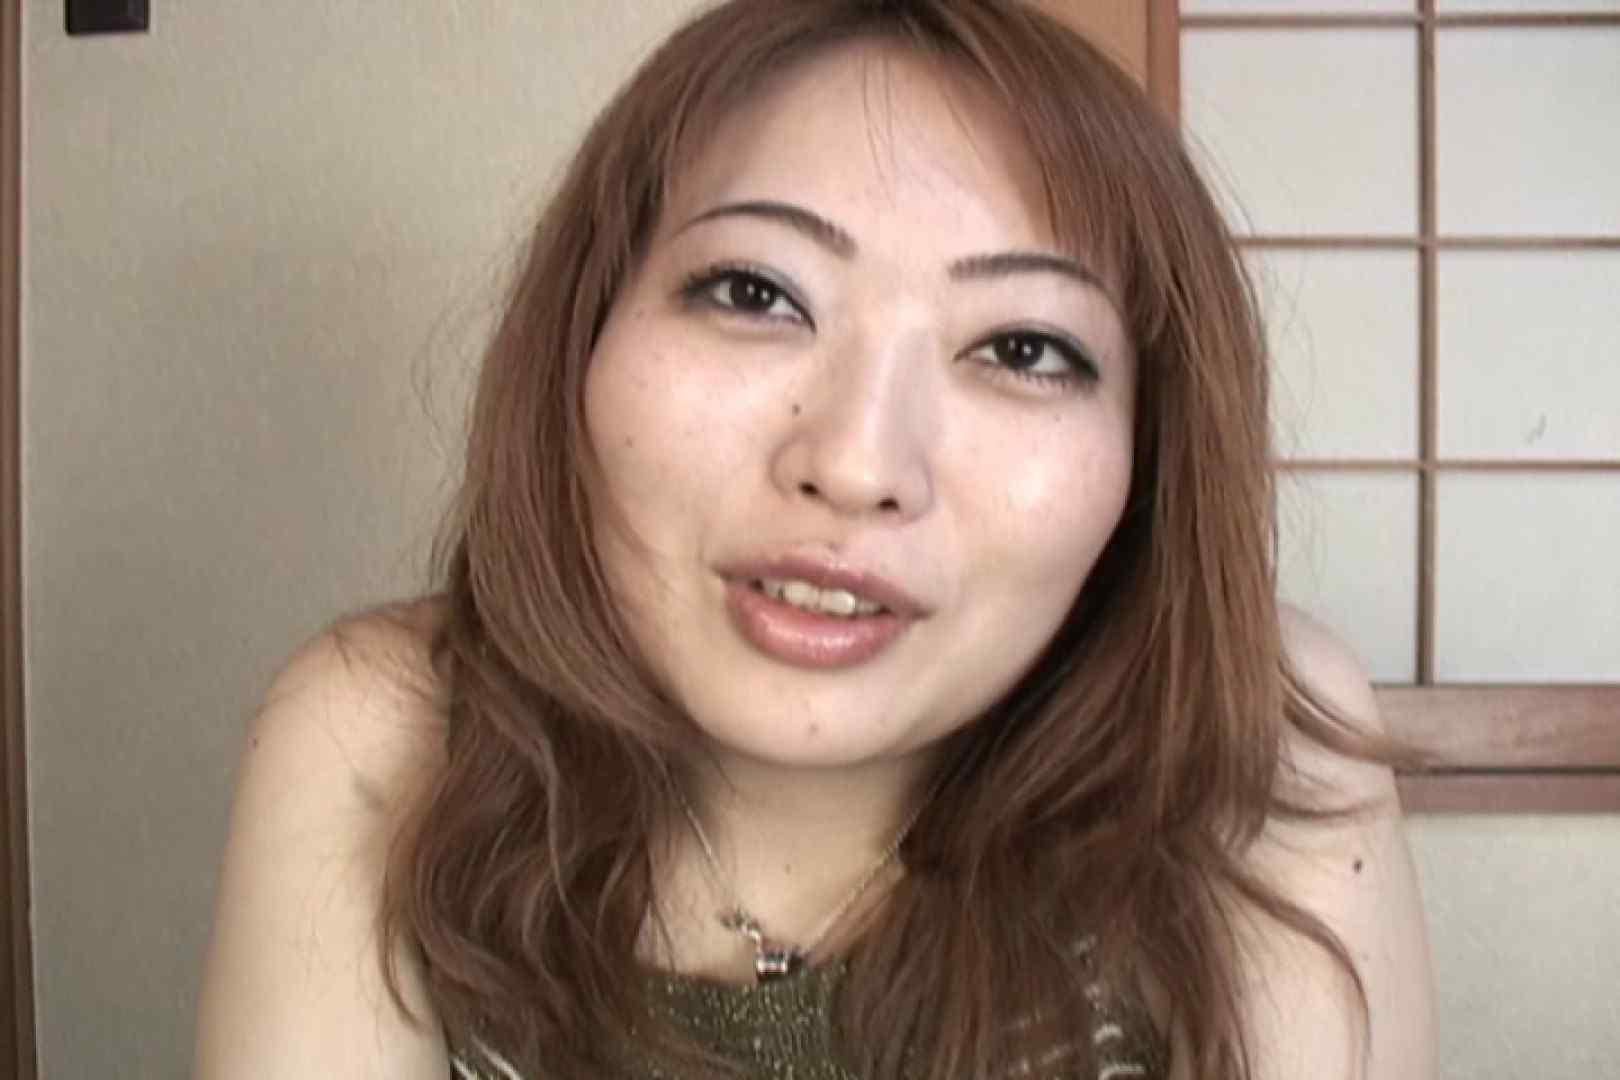 仕事で月200本のチンポを相手する22歳若人妻~桜井あい~ 人妻のエッチ  108pic 88